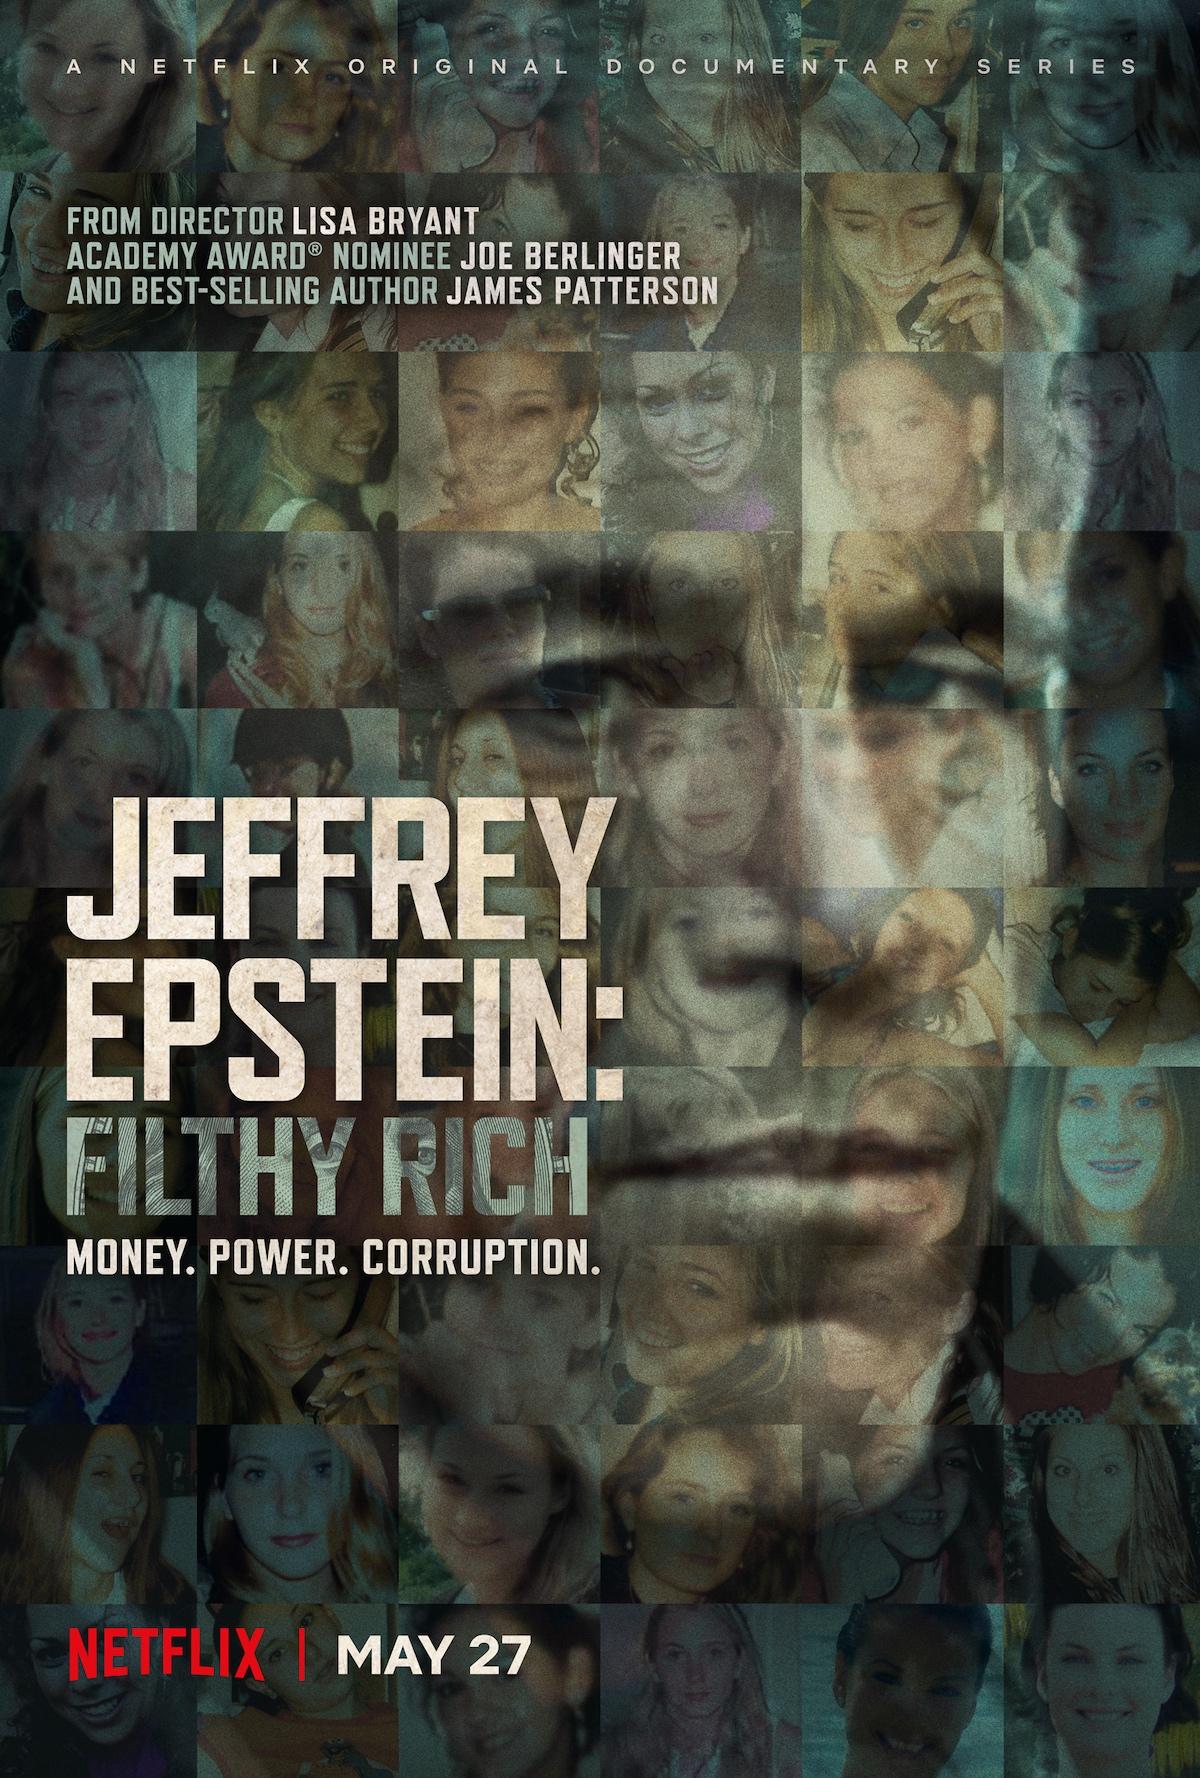 Jeffrey Epstein Filthy Rich netflix docuseries documentray poster